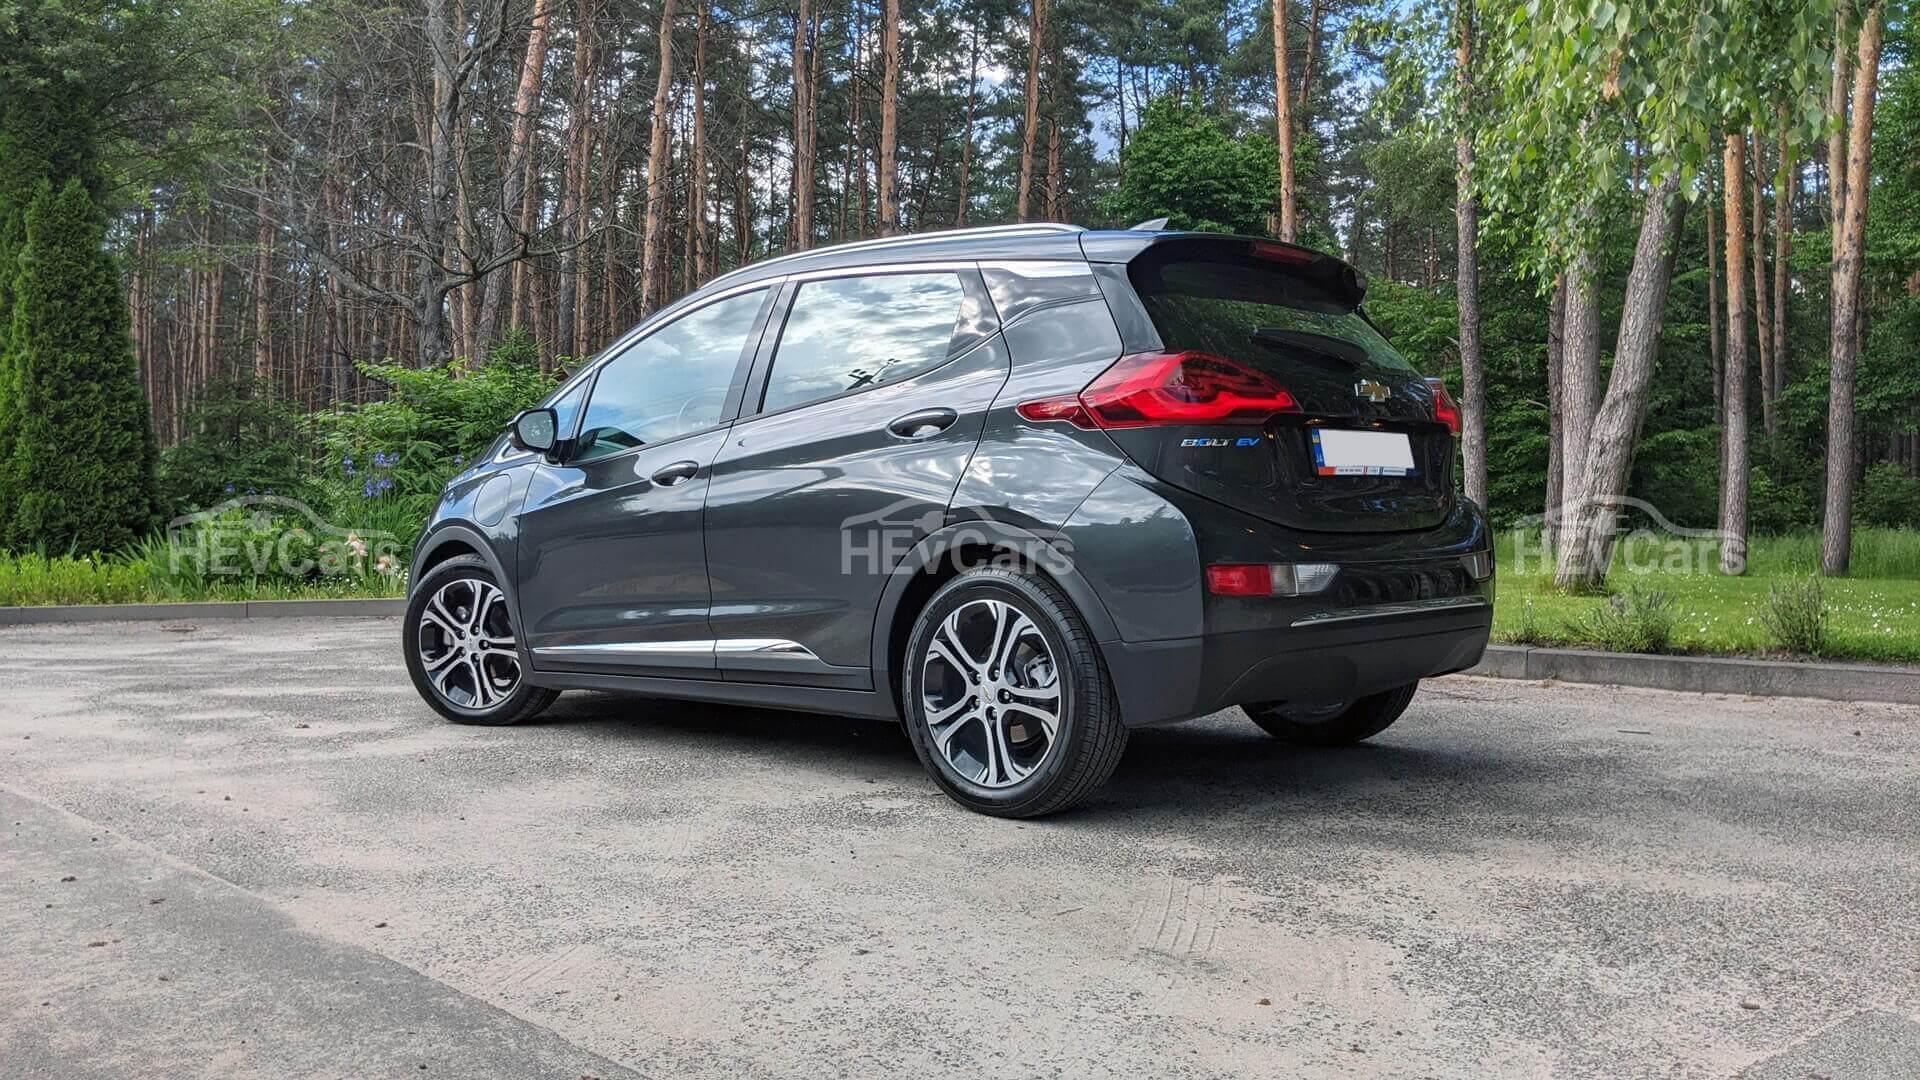 Chevrolet Bolt EV2020 модельного года не имеет проблем с аккумуляторной батареей